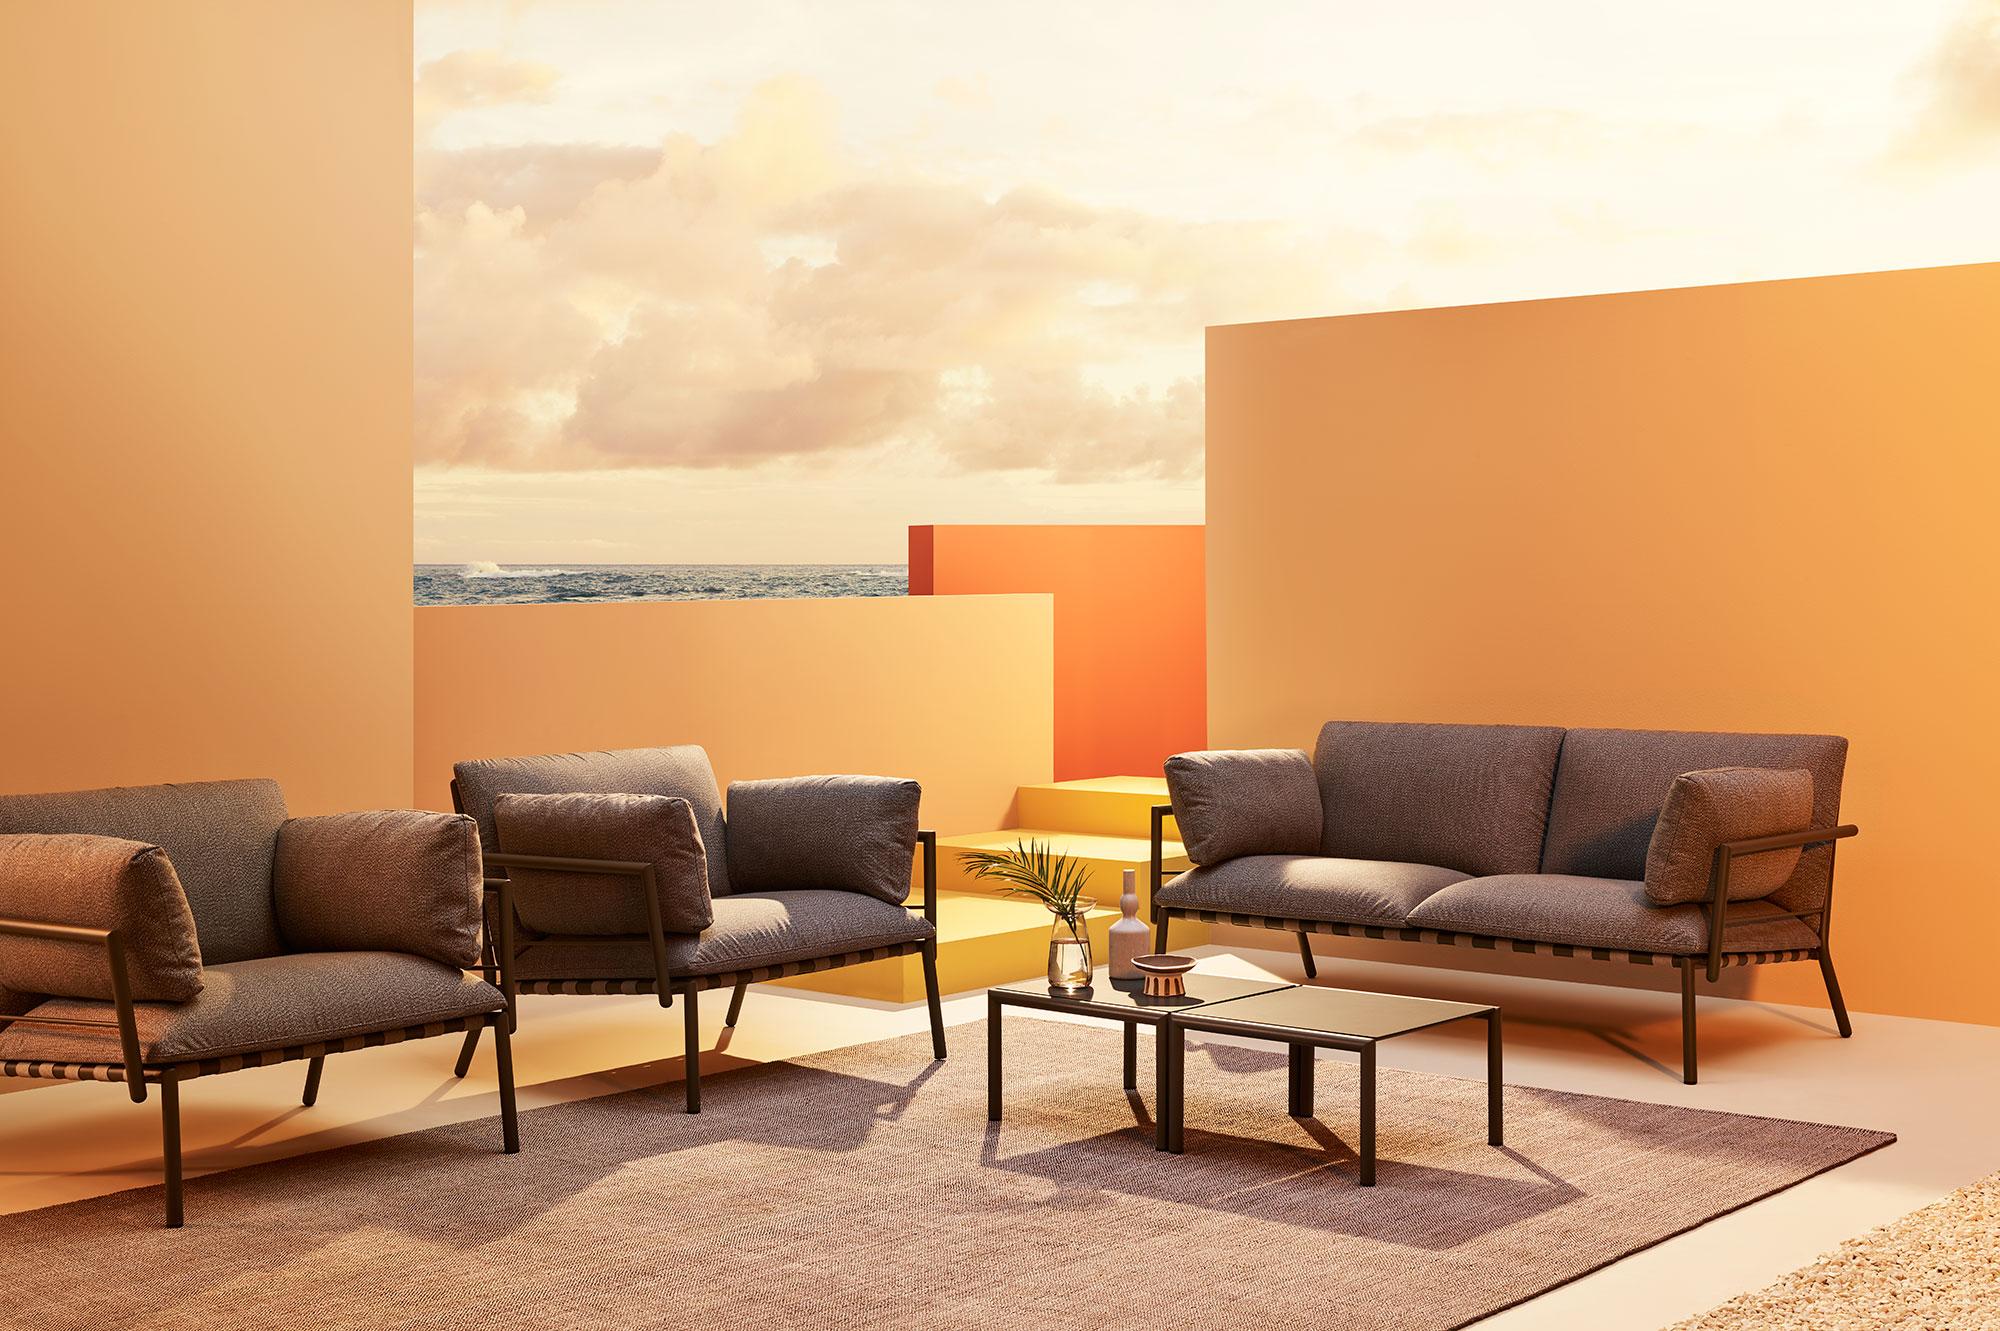 Sedia Lounge Eleven, sedia lounge da esterno/Eleven Armchair, outdoor lounge chair